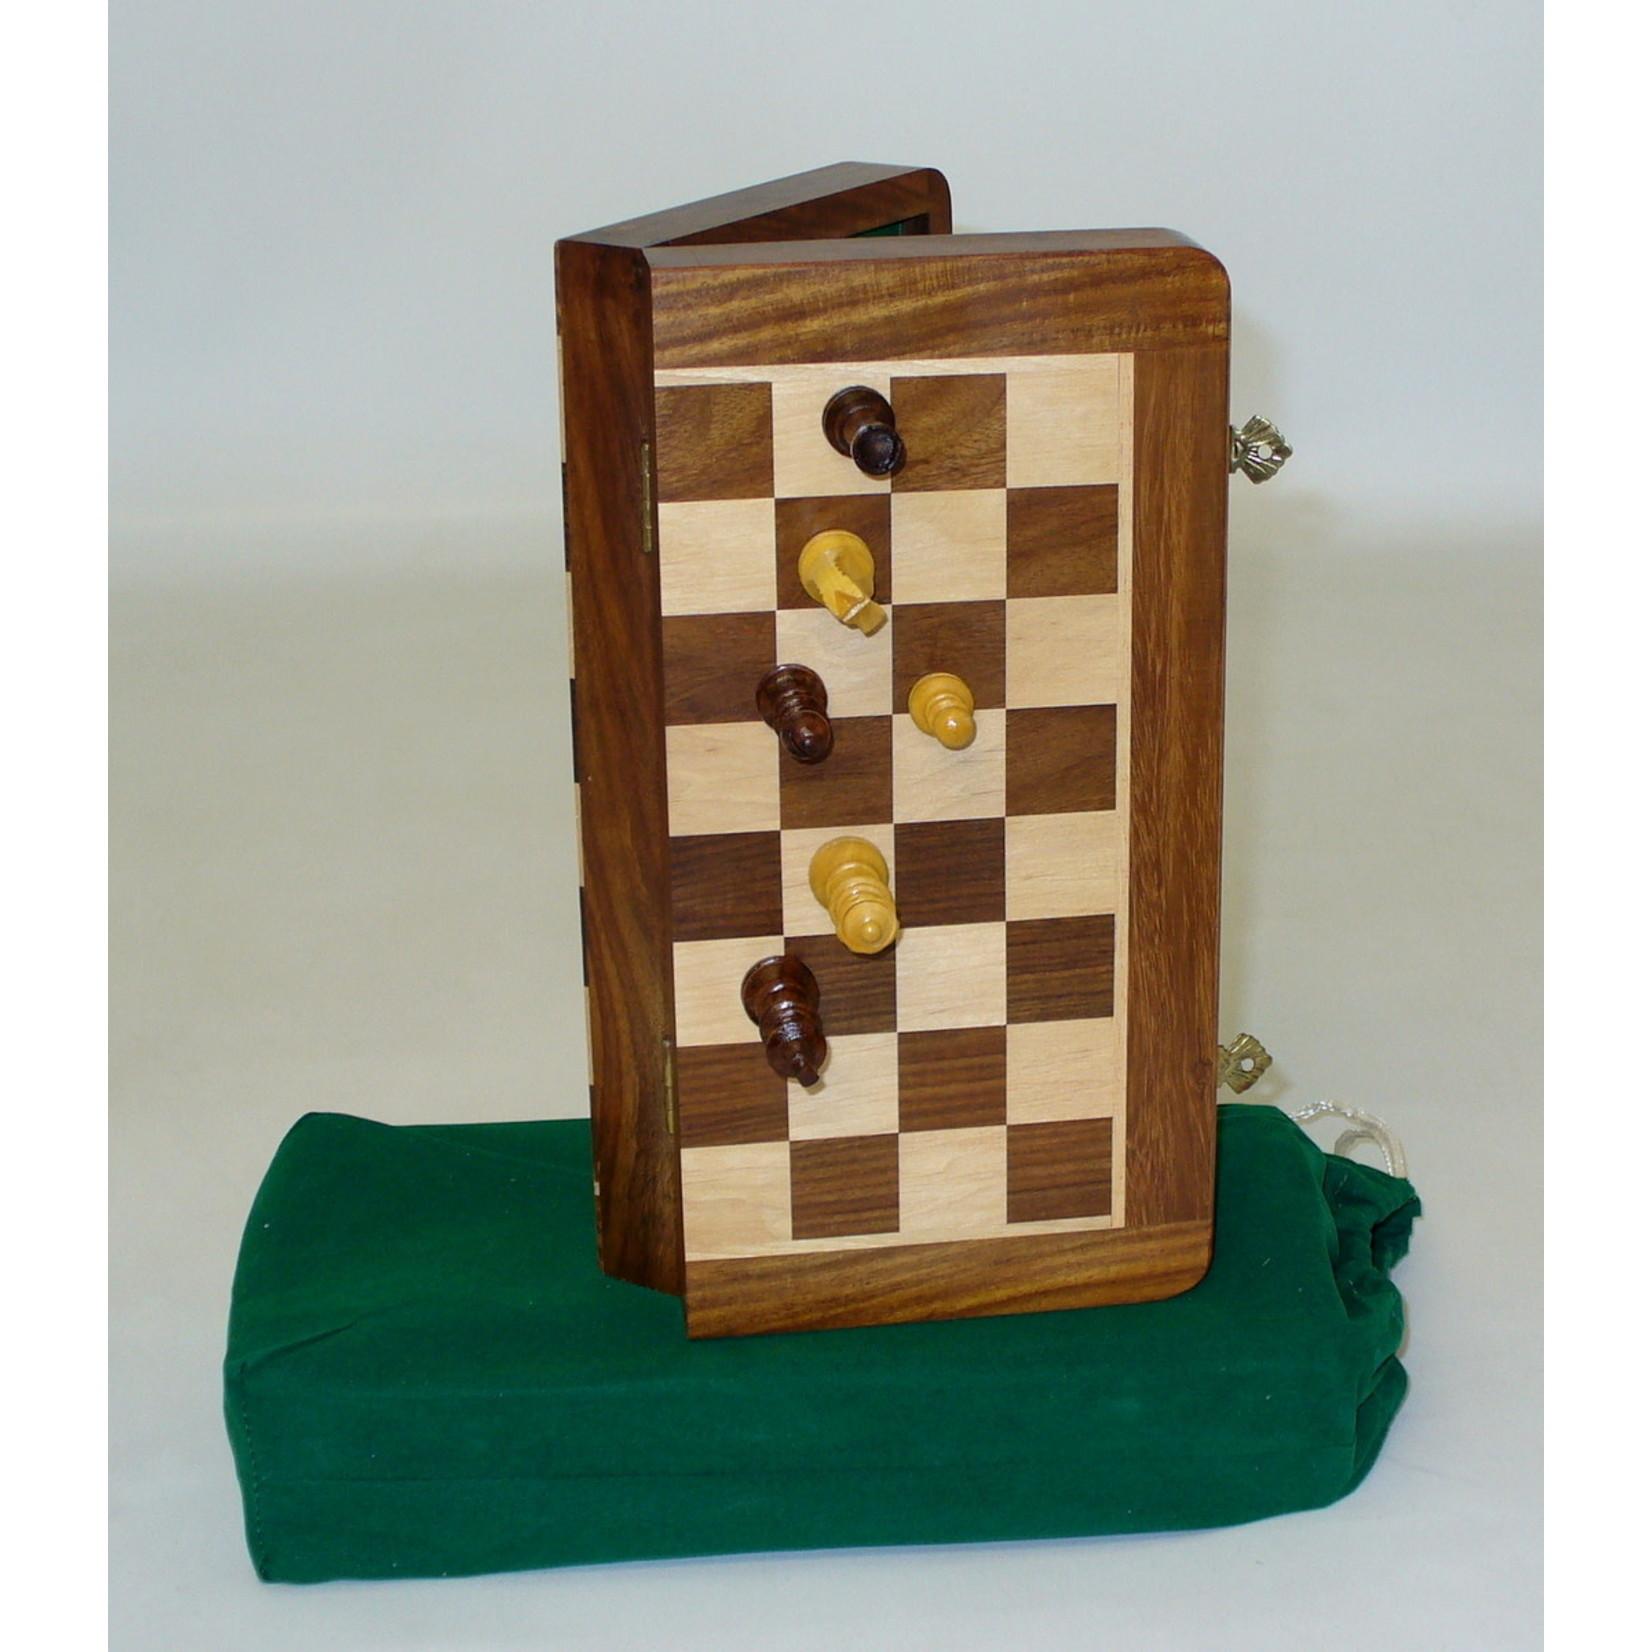 WorldWise Imports Chess:10.5' Folding Wood Set